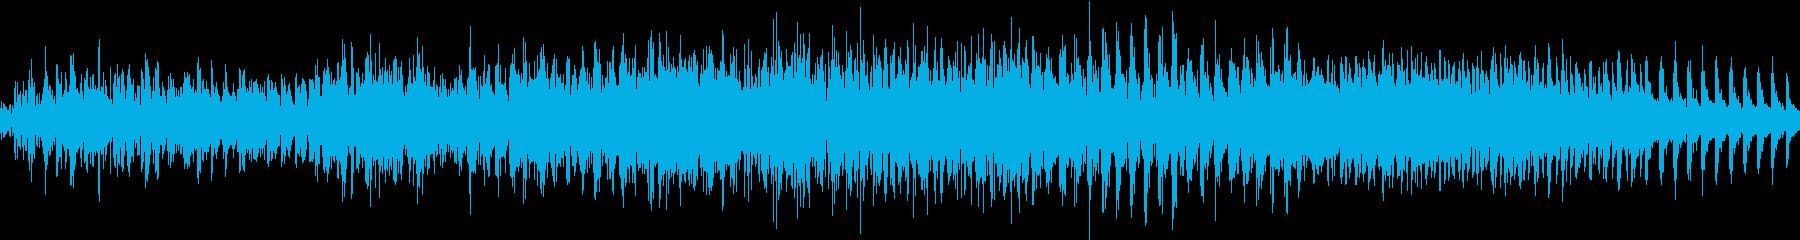 ゲームでレベルアップする時の音の再生済みの波形